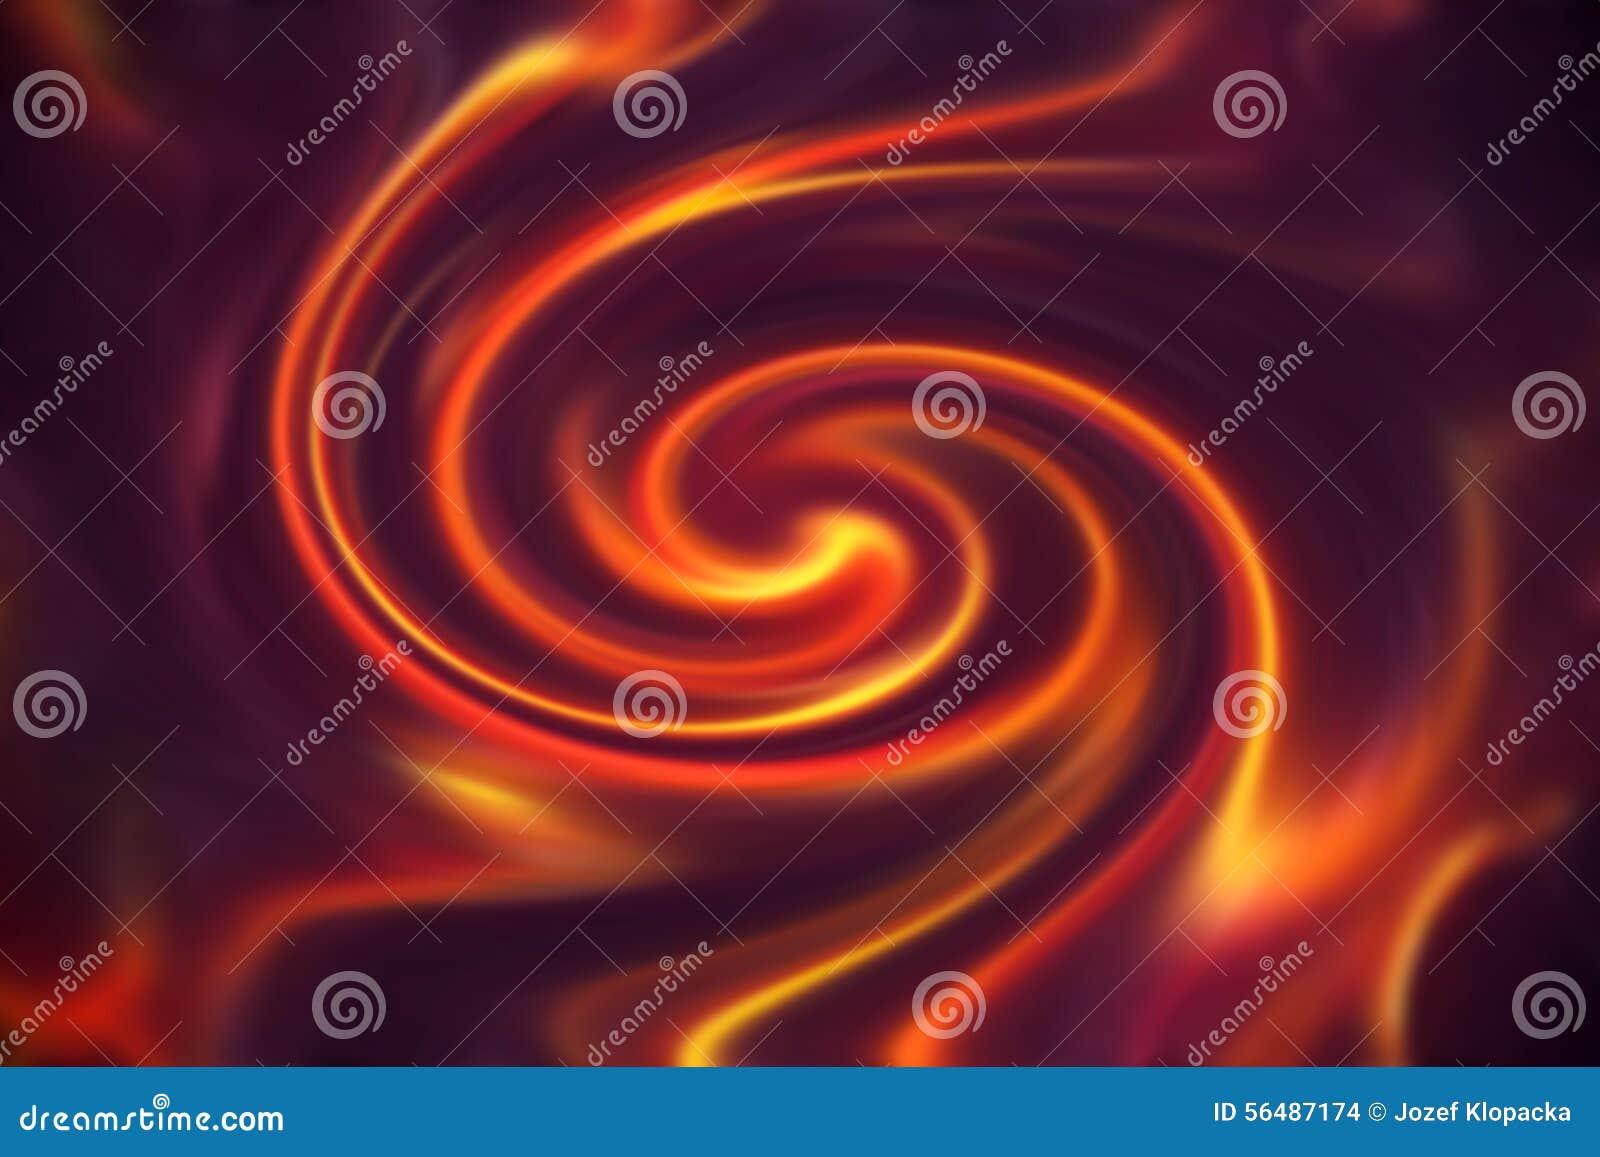 Le feu abstrait flambe sur un fond noir et violet Et effet en spirale